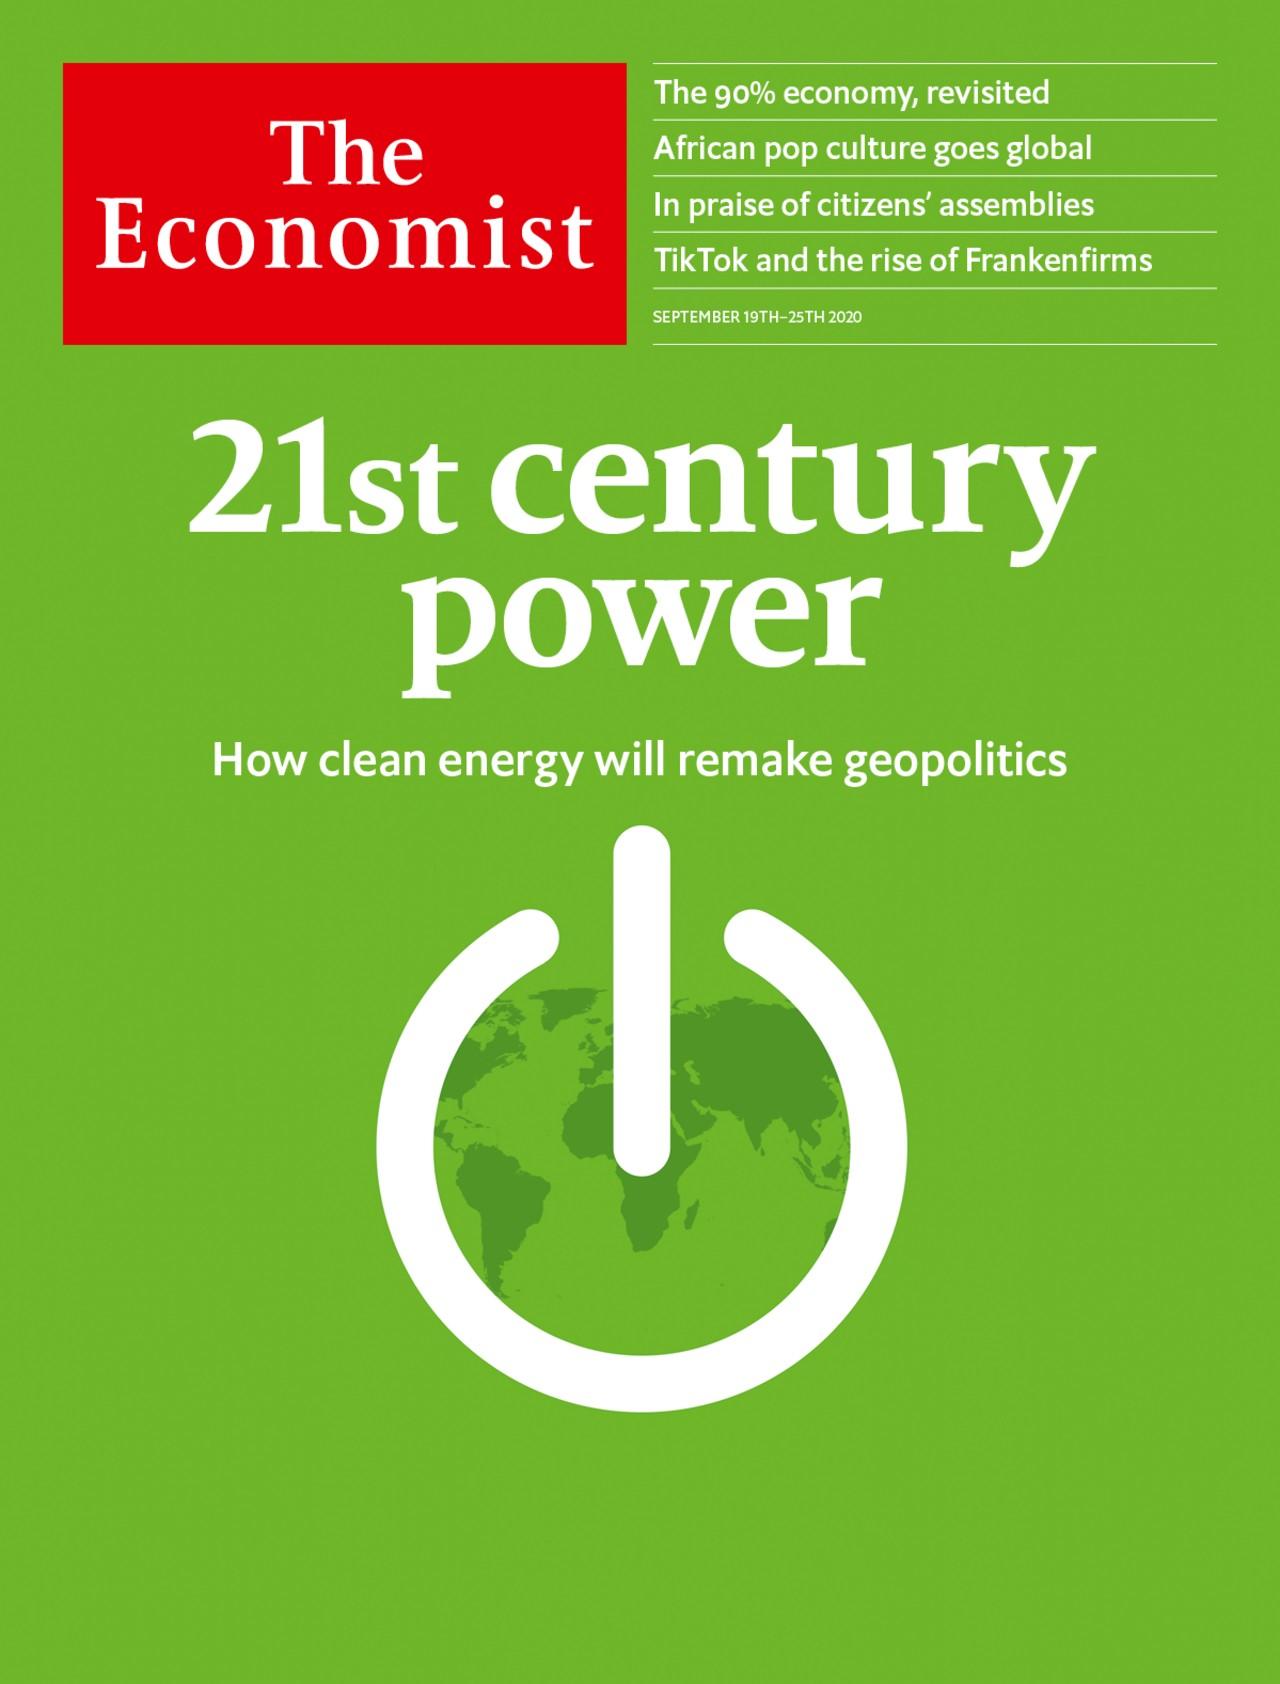 قدرت قرن بیست و یکم